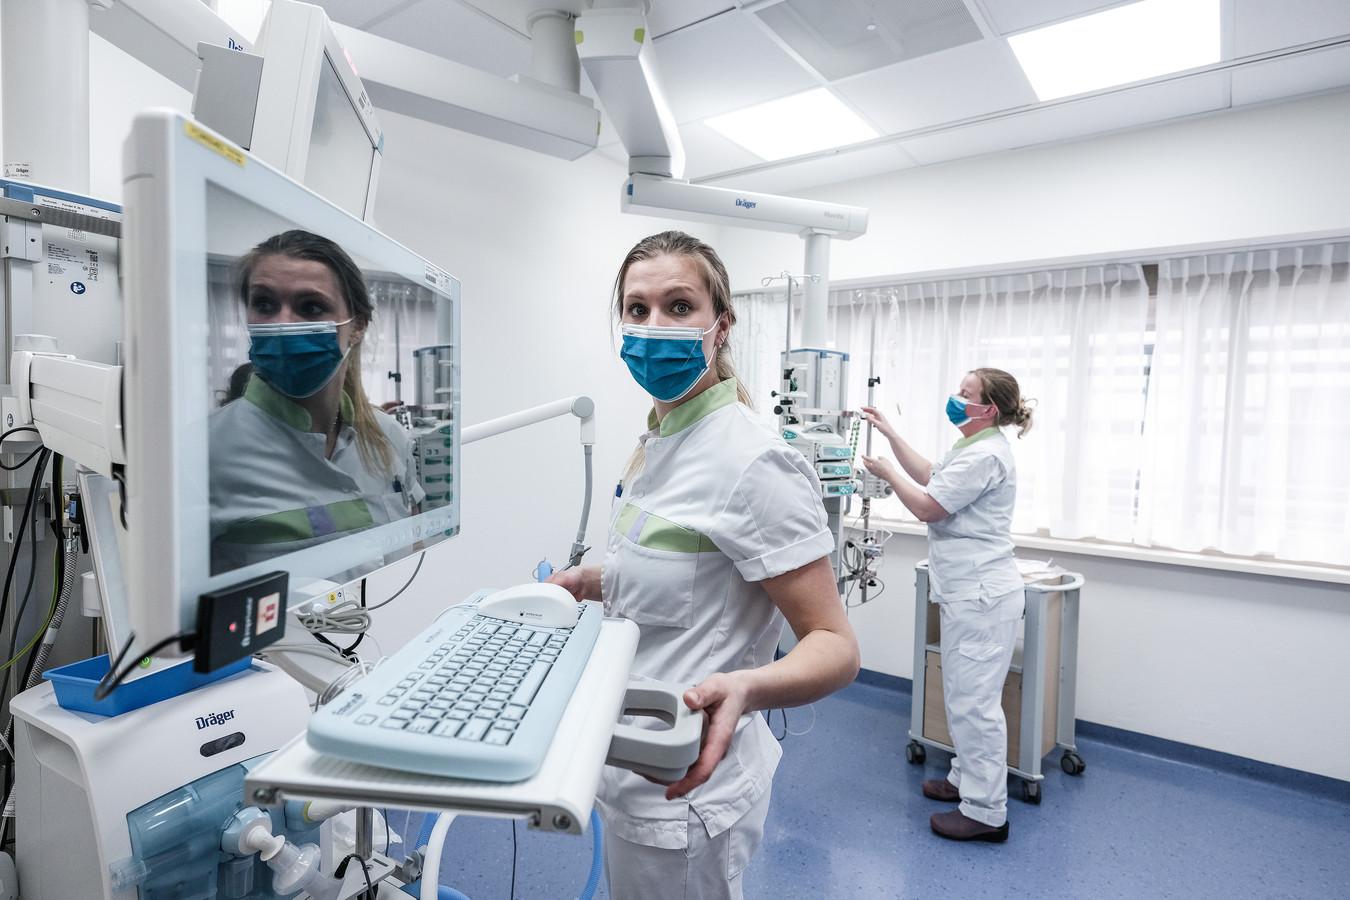 In het SKB is het aantal verpleegbedden voor coronapatiënten inmiddels teruggeschroefd van dertien naar acht en het aantal IC-bedden van vijf naar drie. Archieffoto.